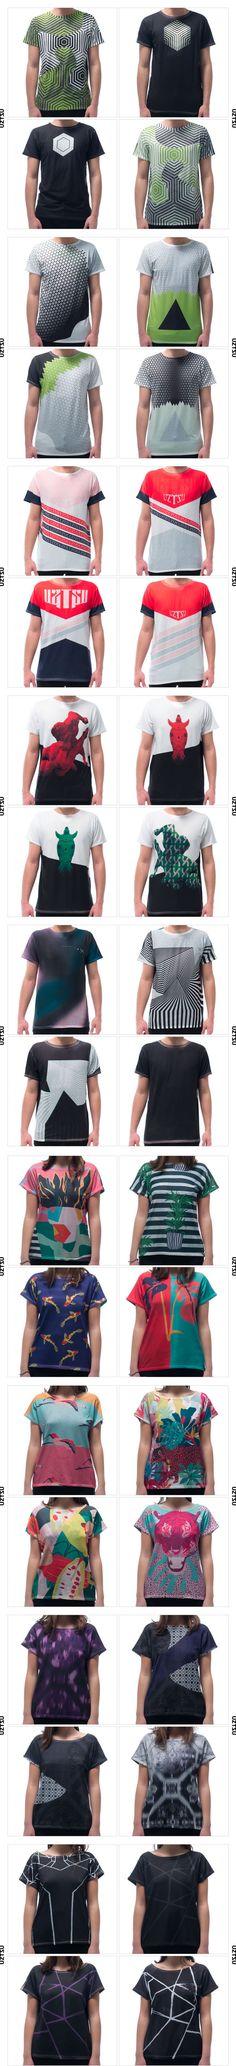 Moda Reversível : a camiseta Uztzu pode ser usada de 4 maneiras diferentes #moda #sustentabilidade #estampas #estamparia